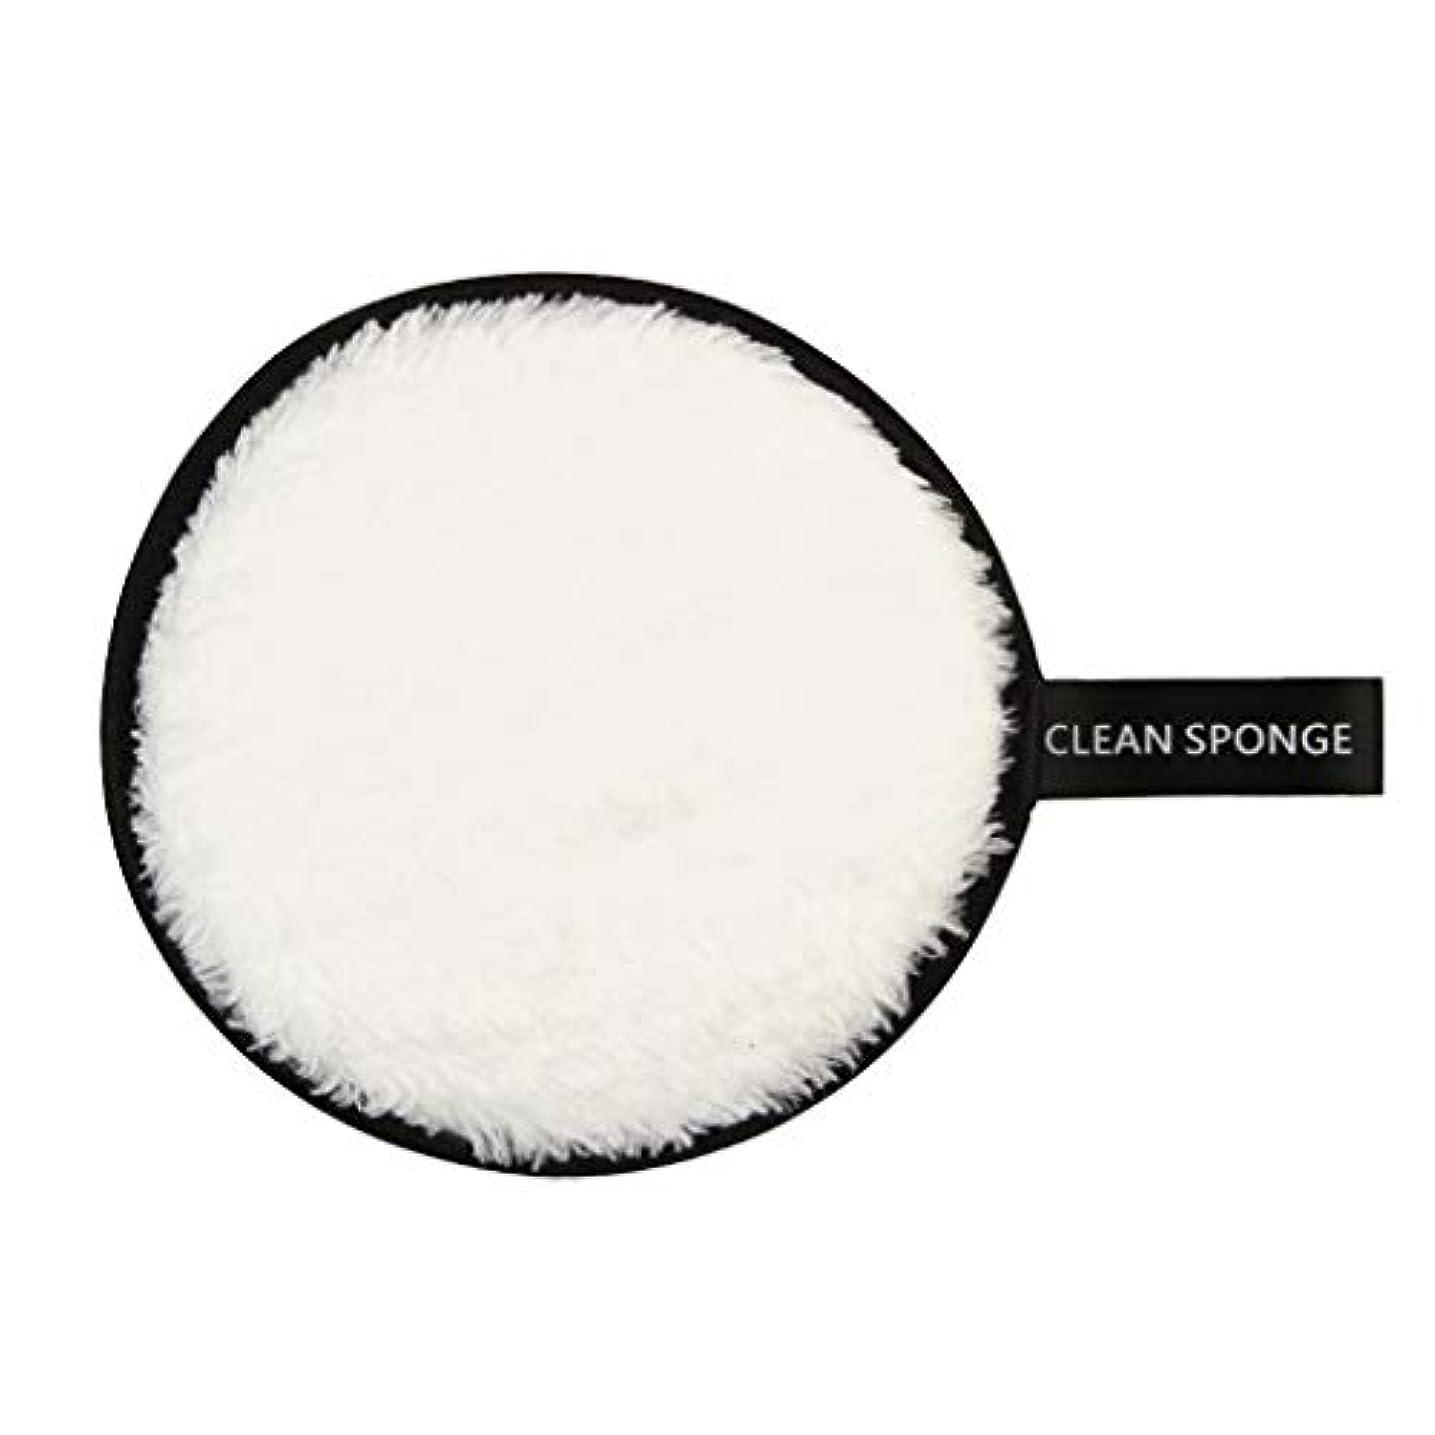 デコレーション申込み浸したメイク落としパッド 再利用可能 メイク落としスポンジ 洗顔パッド 全6色 - 白